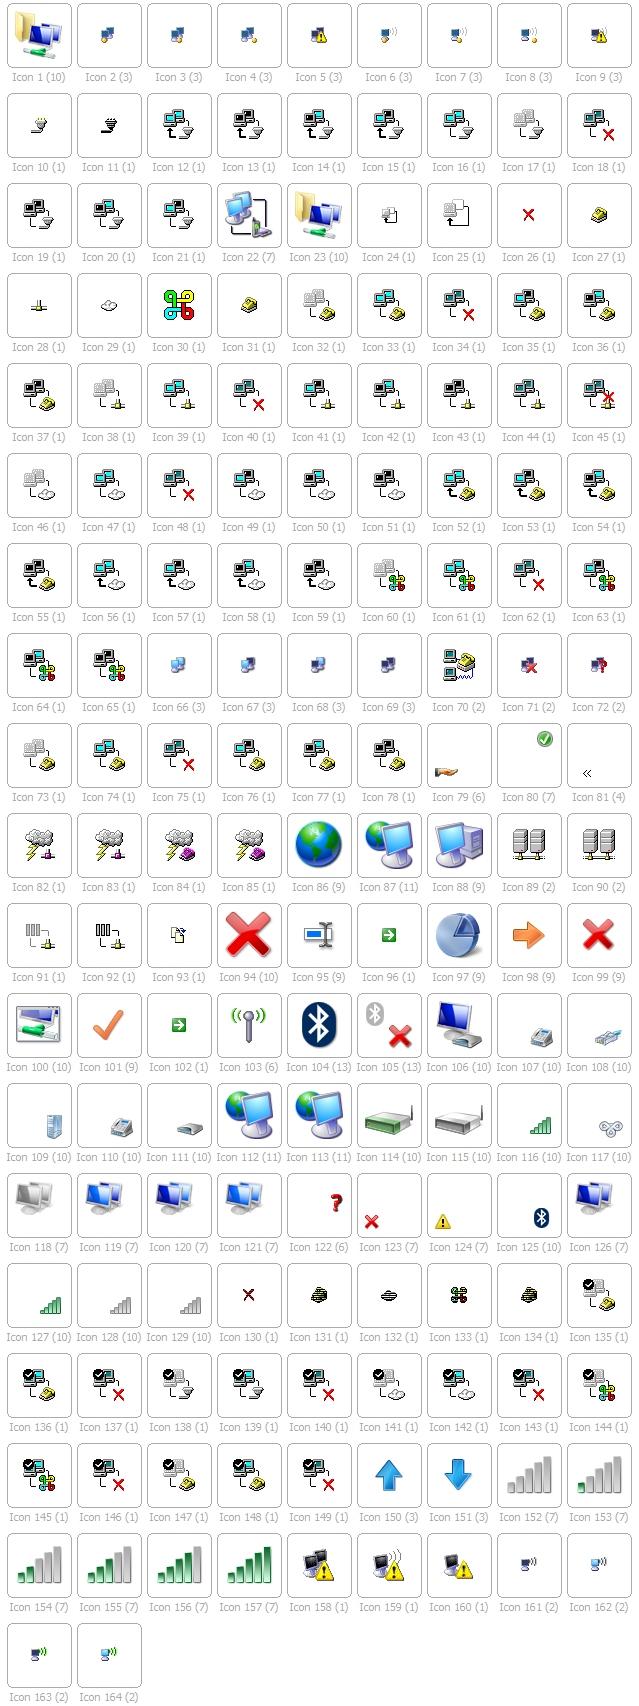 netshell.dll icons